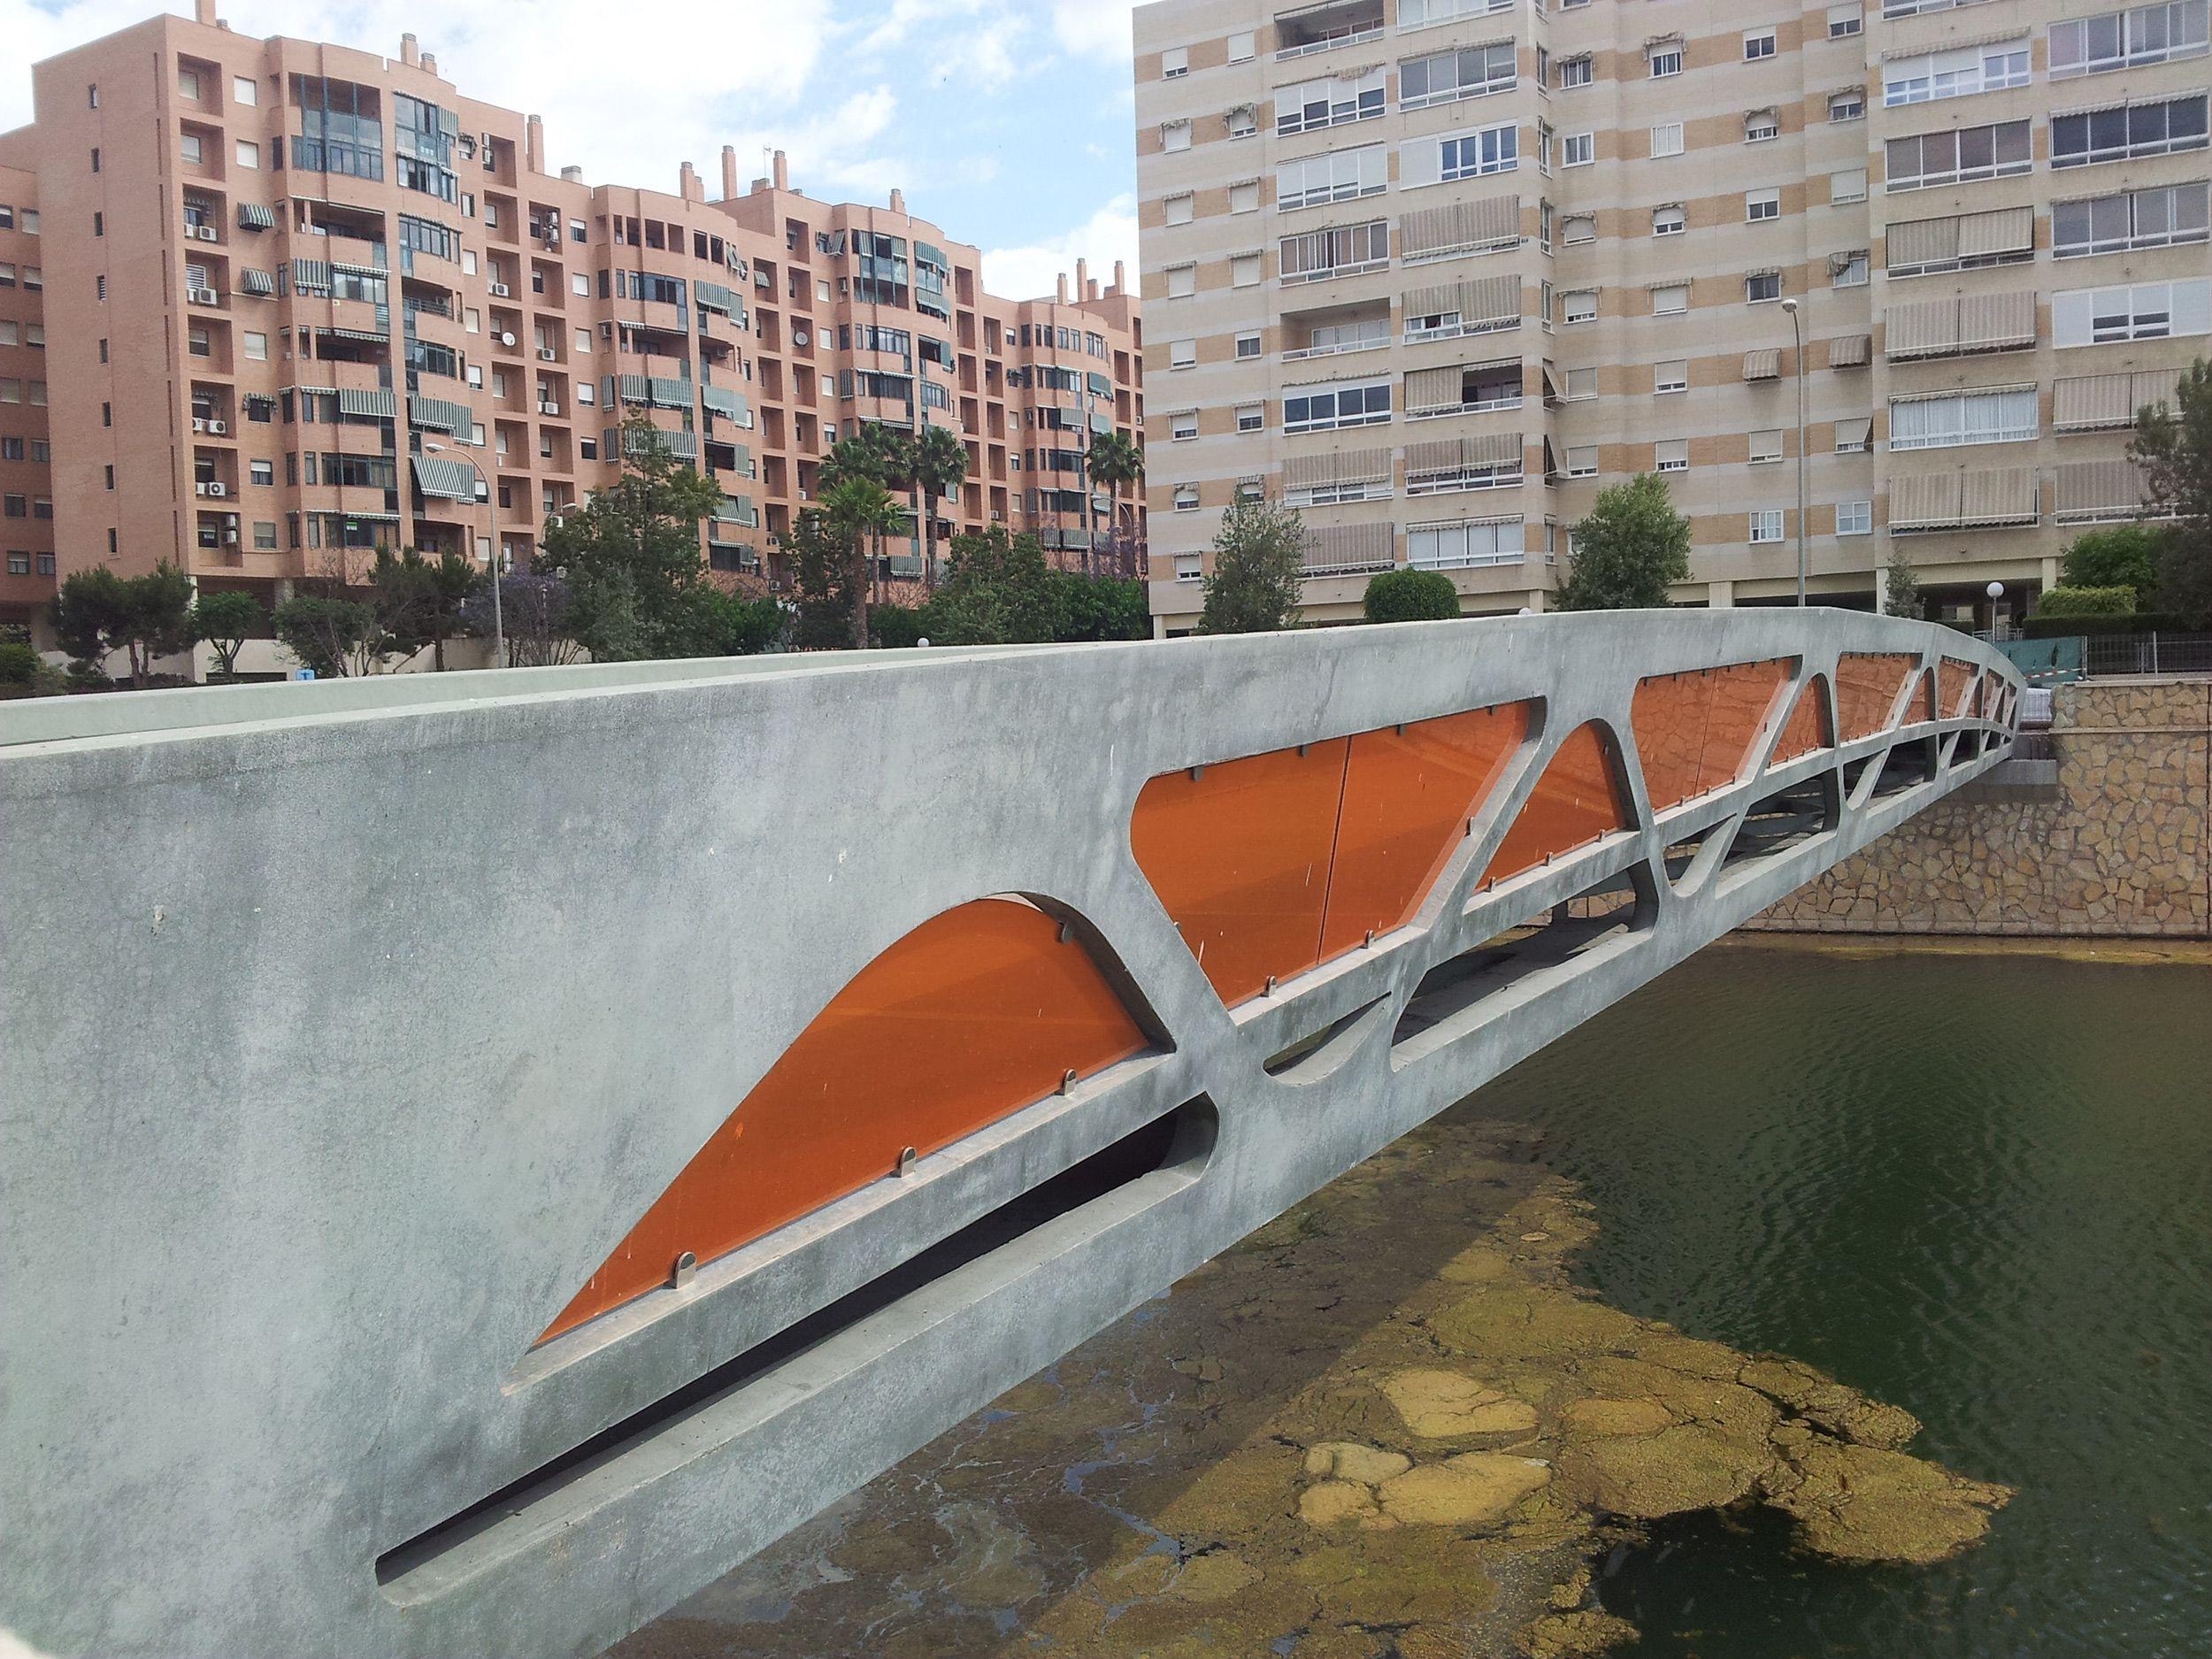 Pasarela UHPC sobre el Barranco de las Ovejas de Alicante